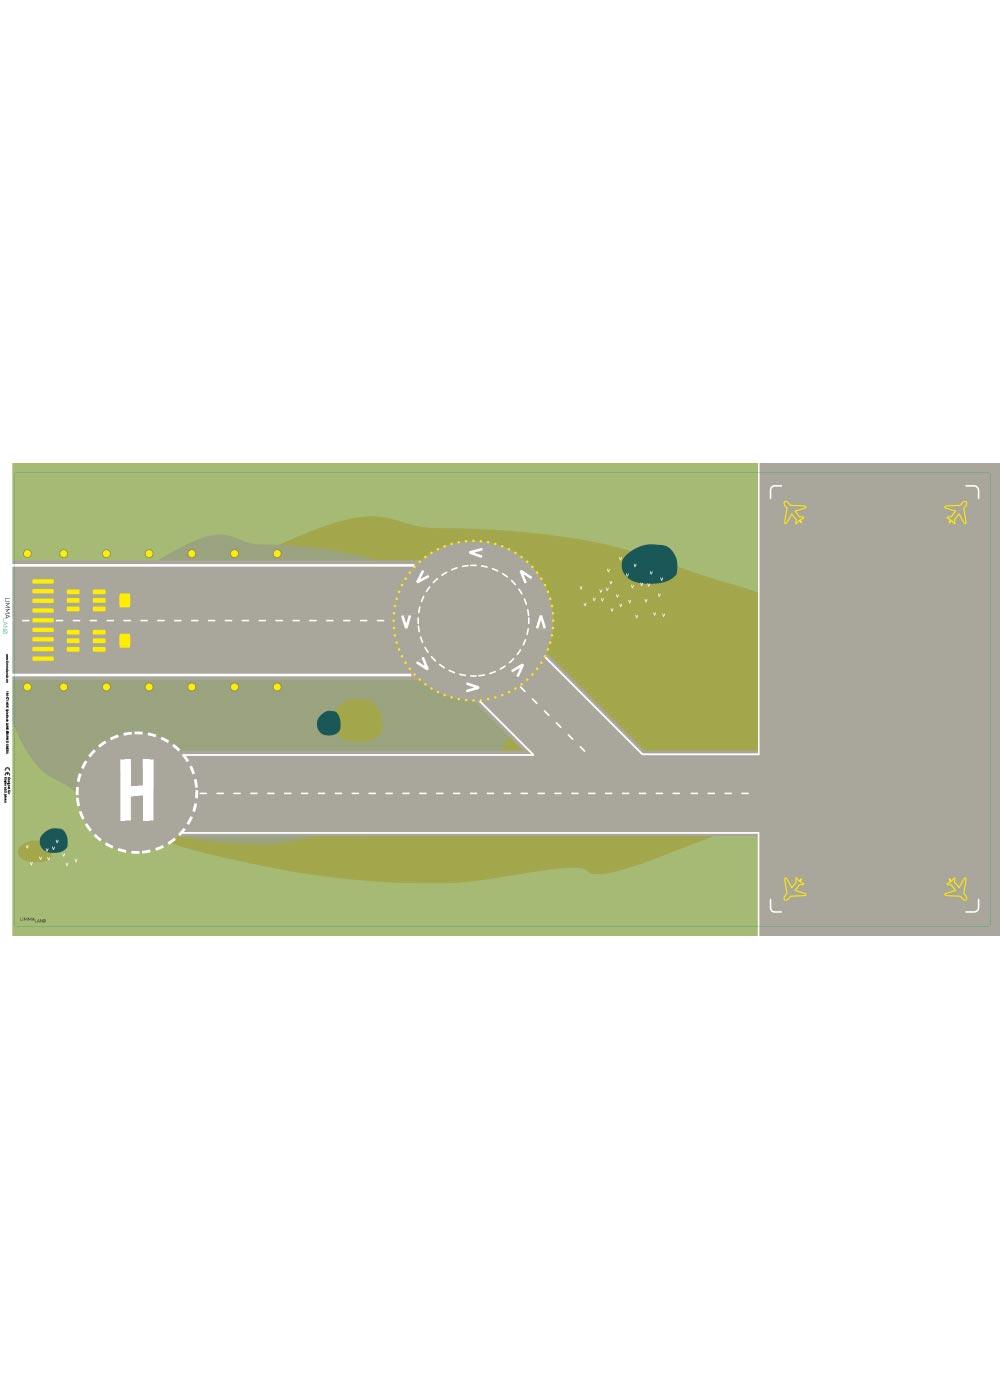 Ikea Dundra Spieltisch Landebahn Druckvorlage